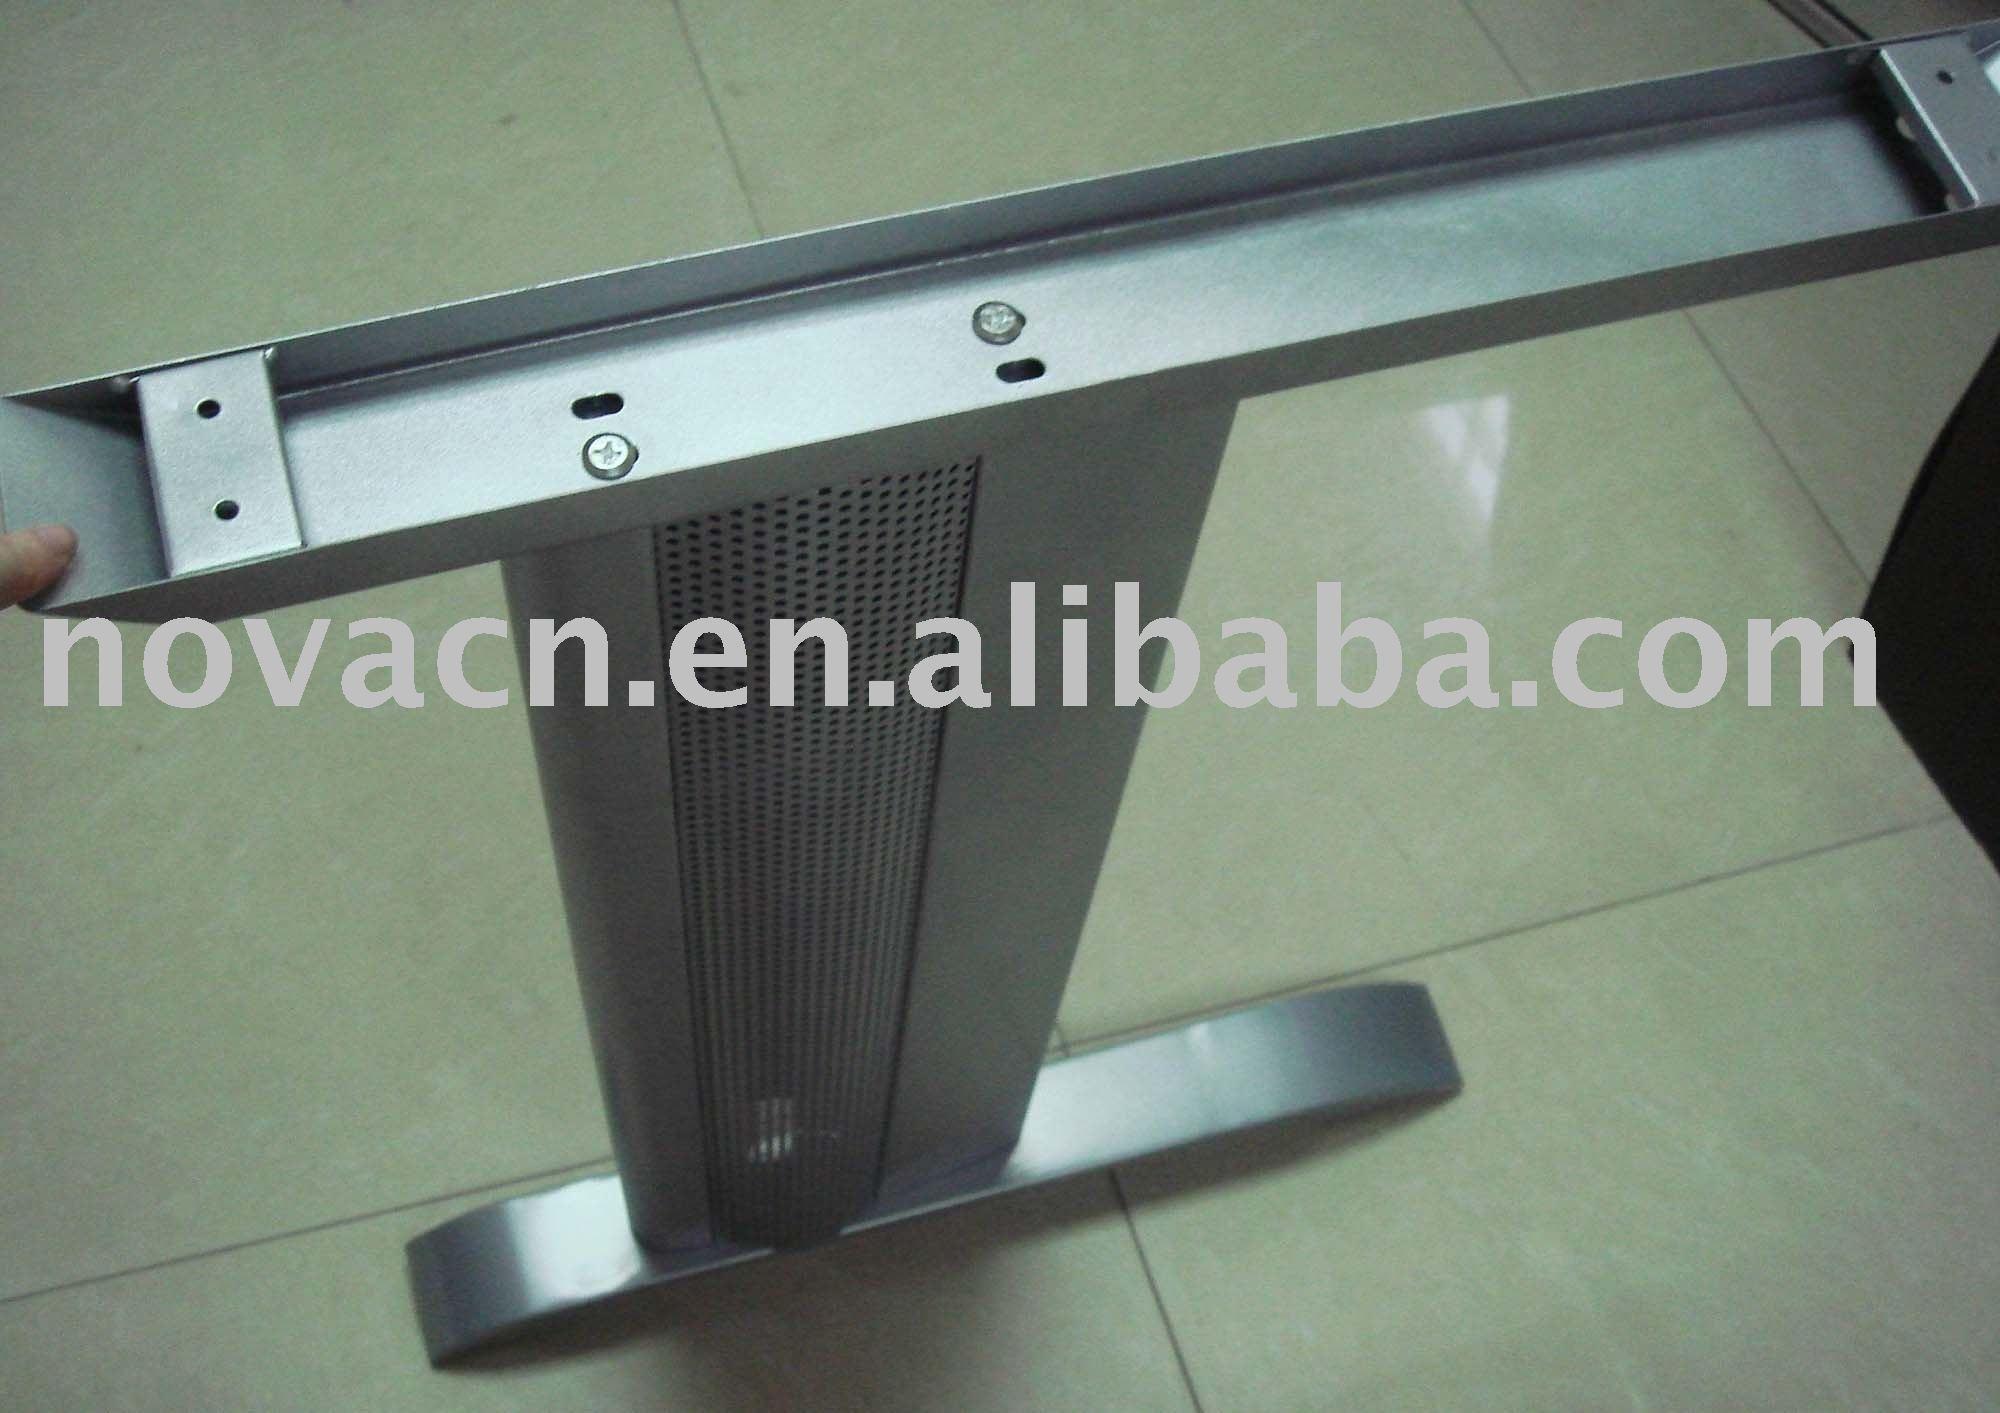 Metall tischbeine edelstahl tischbein b ro stahl for Metall tischbeine